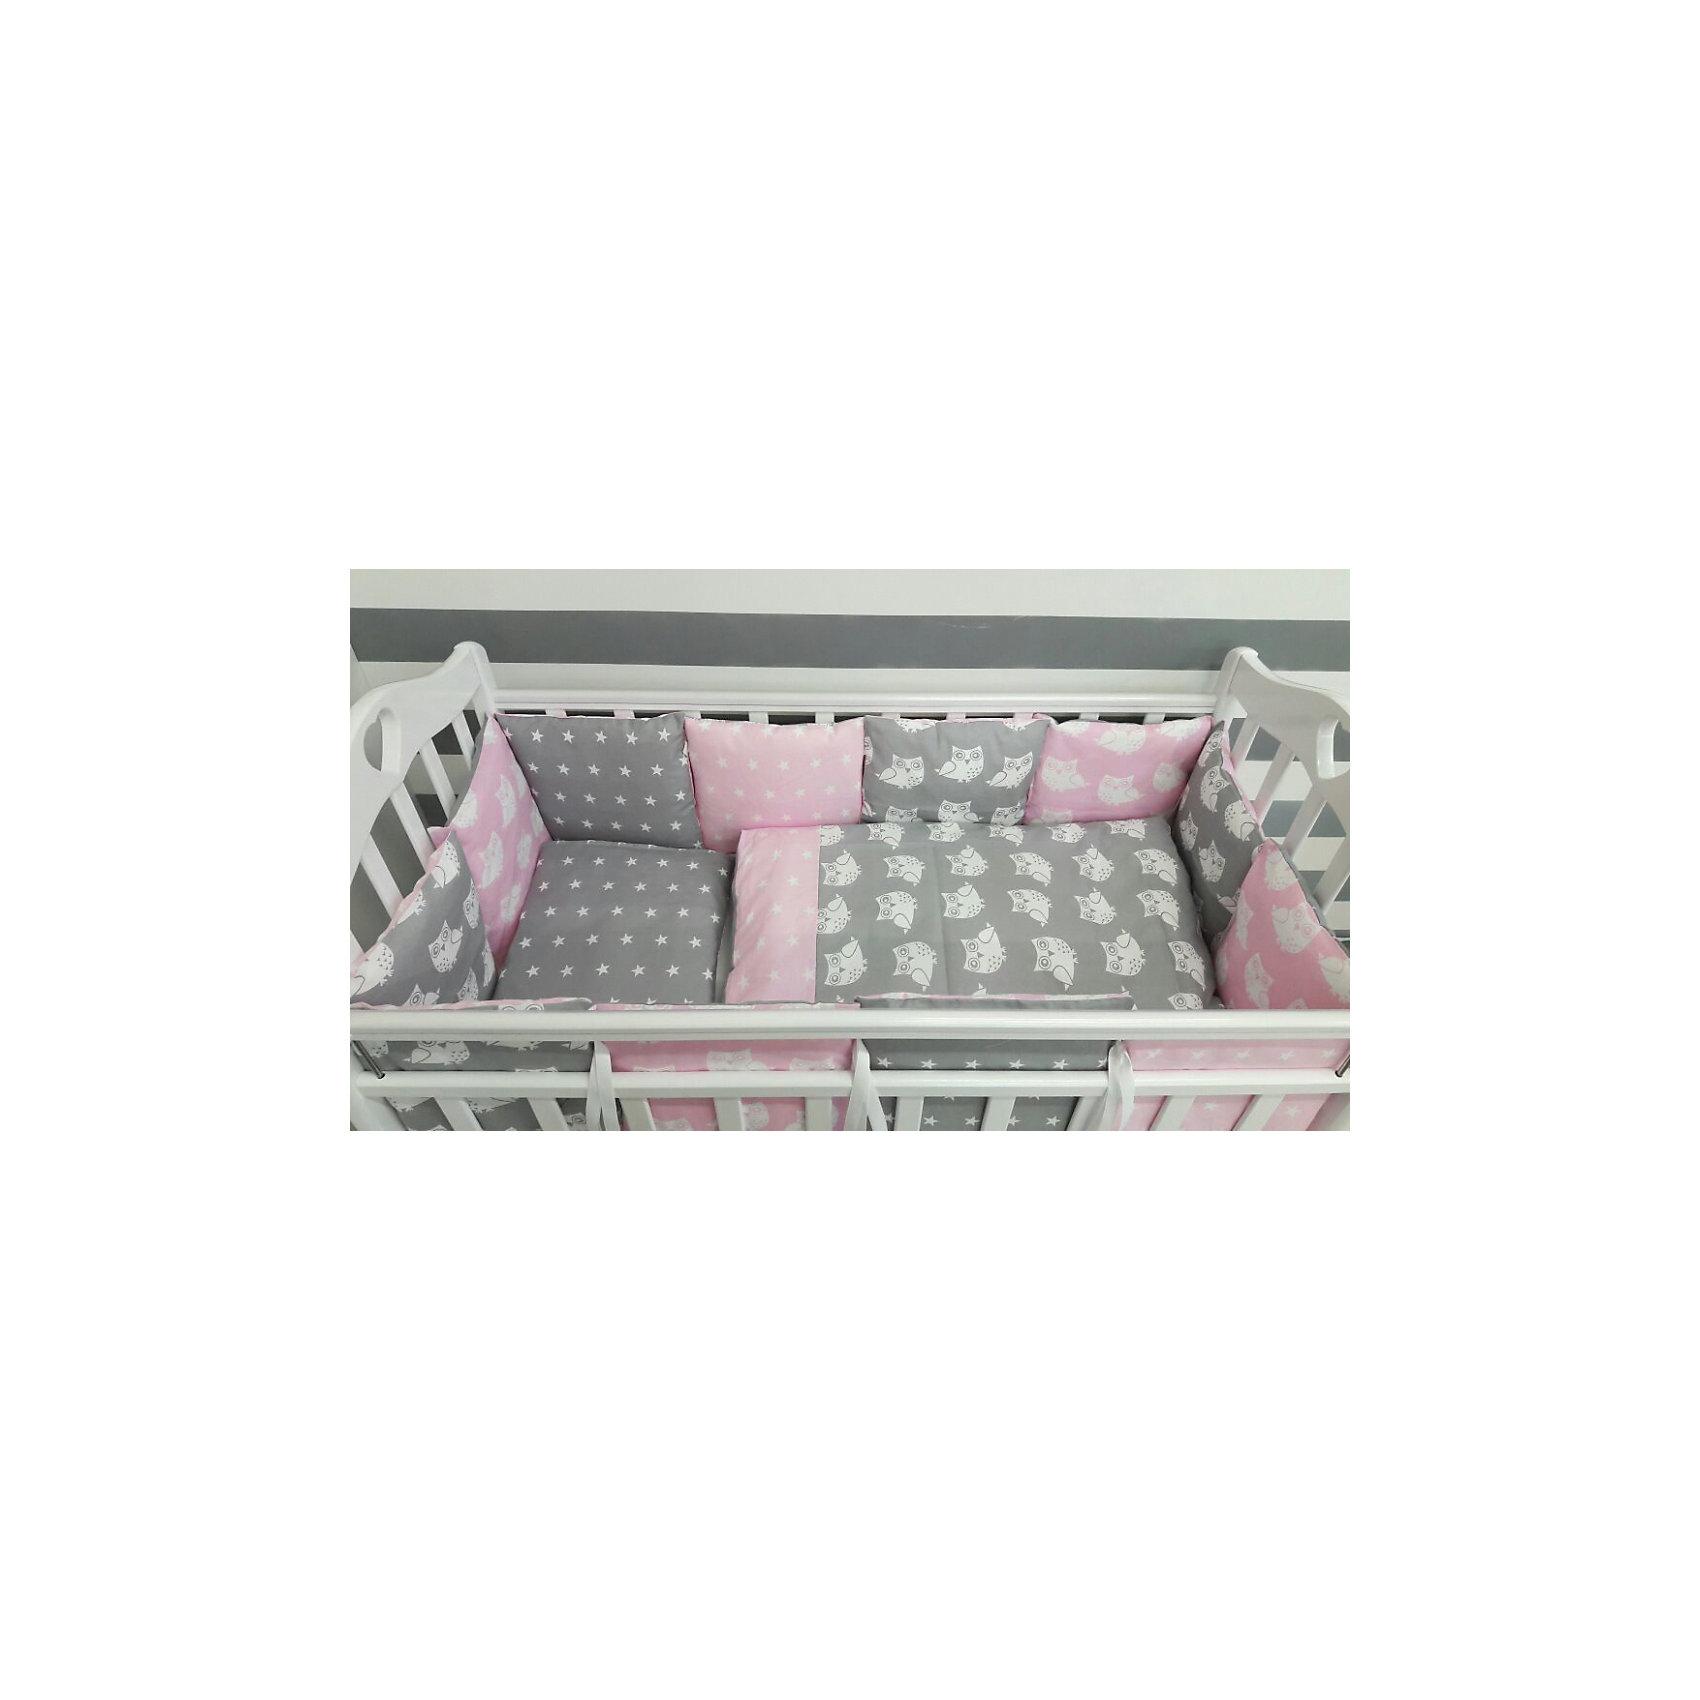 Постельное белье Совы, 3 пред., by Twinz, розовыеПостельное бельё<br>Характеристики:<br><br>• Вид домашнего текстиля: постельное белье<br>• Тип постельного белья по размерам: детское<br>• Пол: для девочки<br>• Материал: хлопок, 100% <br>• Цвет: белый, розовый<br>• Тематика рисунка: совы<br>• Комплектация: <br> пододеяльник на молнии 105*145 см – 1 шт. <br> простынь на резинке 125*65 см – 1 шт. <br> наволочка 36*46 см – 1 шт. <br>• Тип упаковки: книжка <br>• Вес в упаковке: 655 г<br>• Размеры упаковки (Д*Ш*В): 42*5*26 см<br>• Особенности ухода: машинная стирка при температуре 30 градусов без использования отбеливающих веществ<br><br>Постельное белье Совы, 3 пред., by Twinz, розовые изготовлено под отечественным торговым брендом, выпускающим текстиль и мебель из натуральных материалов для новорожденных и детей. Комплект состоит из трех предметов: пододеяльника, простыни и наволочки. <br><br>Размер изделий подходит для деткских кроваток классических моделей размером 100*60 см и 125*65 см. Комплект выполнен из 100% хлопка, который обладает мягкостью, гигроскопичностью, гипоаллергенностью. Тщательно выполненные швы на изделиях обеспечивают постельному белью прочность и длительный срок службы. <br><br>Простынь за счет резинок хорошо фиксируется на матрасике, что препятствует ее сползанию и сбиванию даже во время беспокойного сна. Постельное белье выполнено в стильном дизайне с оригинальным рисунком: на розовым фон нанесен принт из крупных сов белого цвета. Постельное белье Совы, 3 пред., by Twinz, розовые подарит вашему малышу спокойный и крепкий сон и создаст яркий неповторимый образ детской кроватки!<br><br>Постельное белье Совы, 3 пред., by Twinz, розовые можно купить в нашем интернет-магазине.<br><br>Ширина мм: 420<br>Глубина мм: 260<br>Высота мм: 50<br>Вес г: 655<br>Возраст от месяцев: 0<br>Возраст до месяцев: 36<br>Пол: Женский<br>Возраст: Детский<br>SKU: 5491506